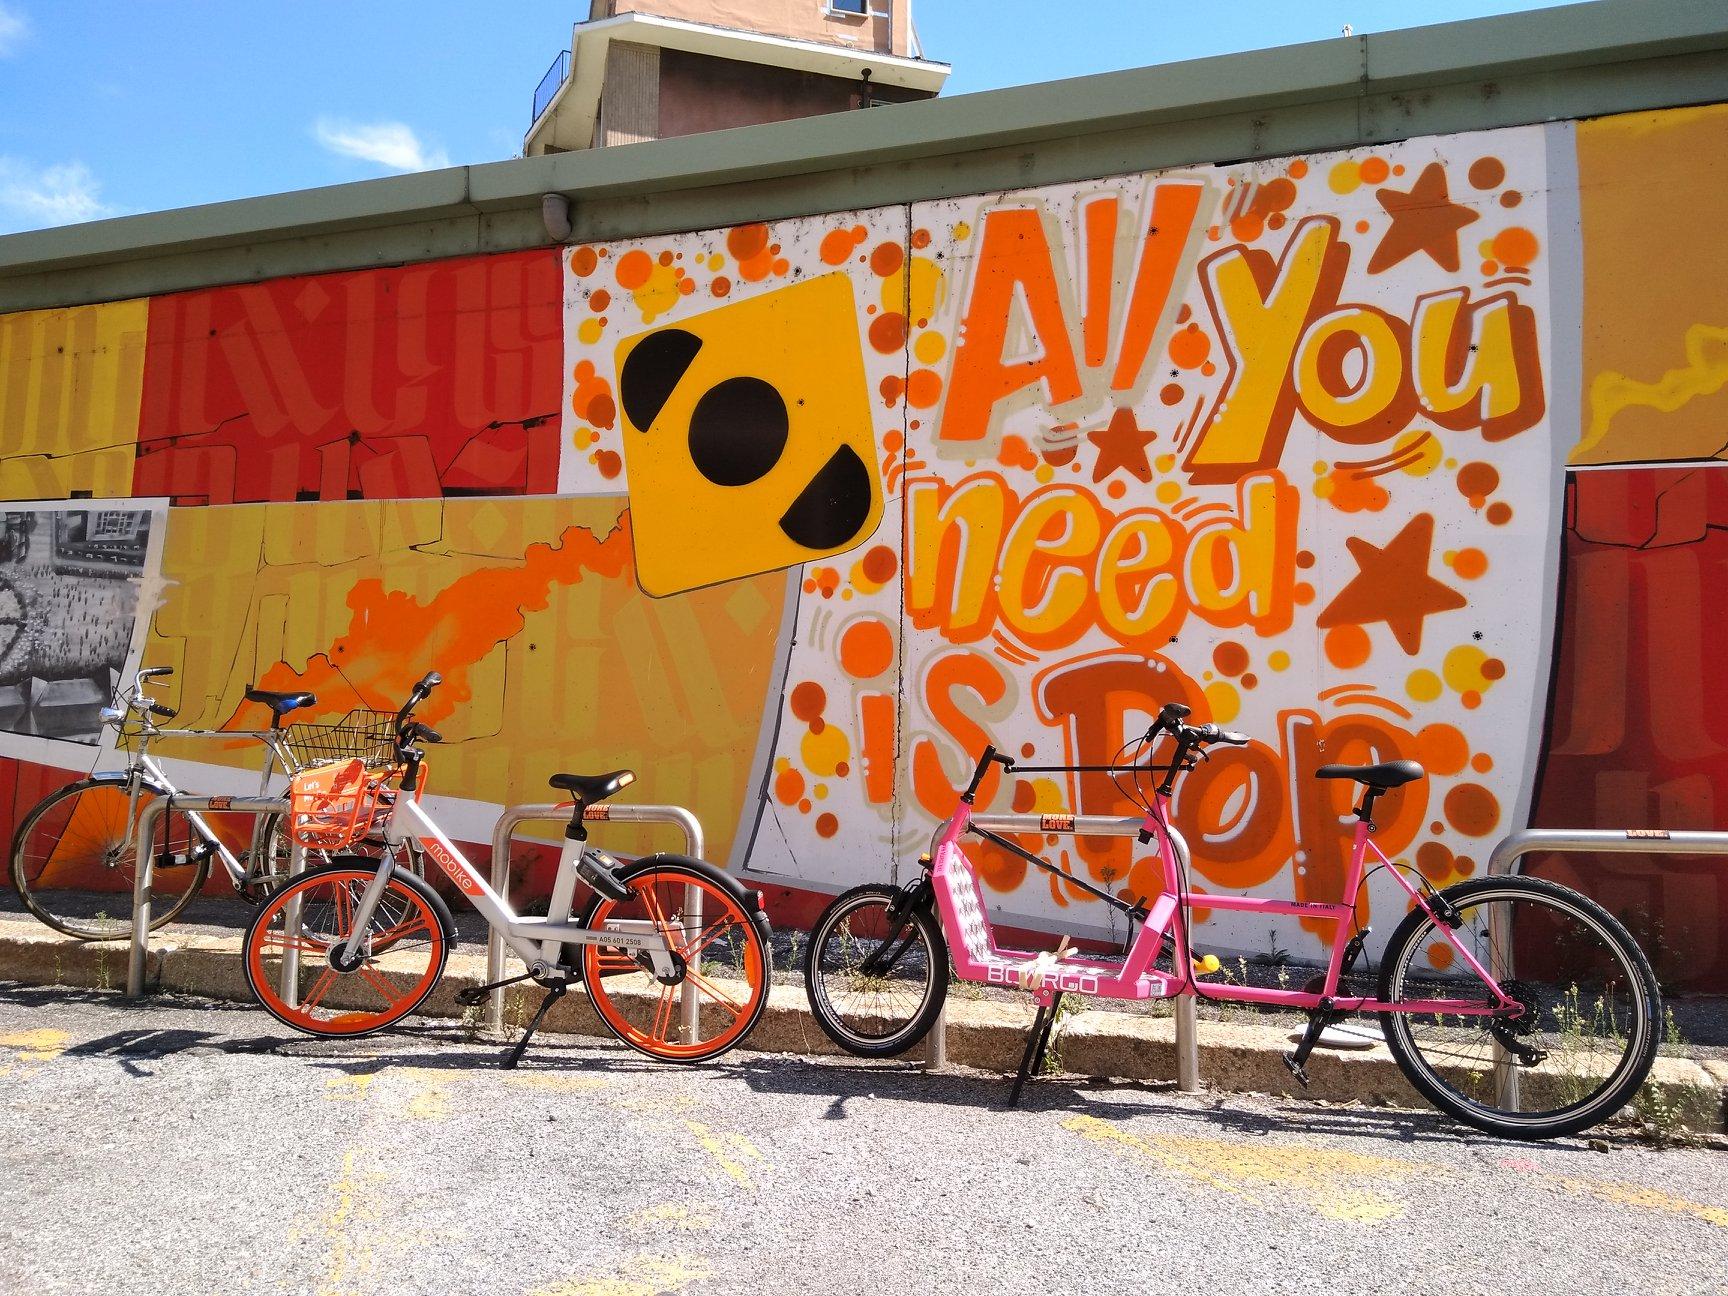 Milano Bike City, due ruote nella metropoli